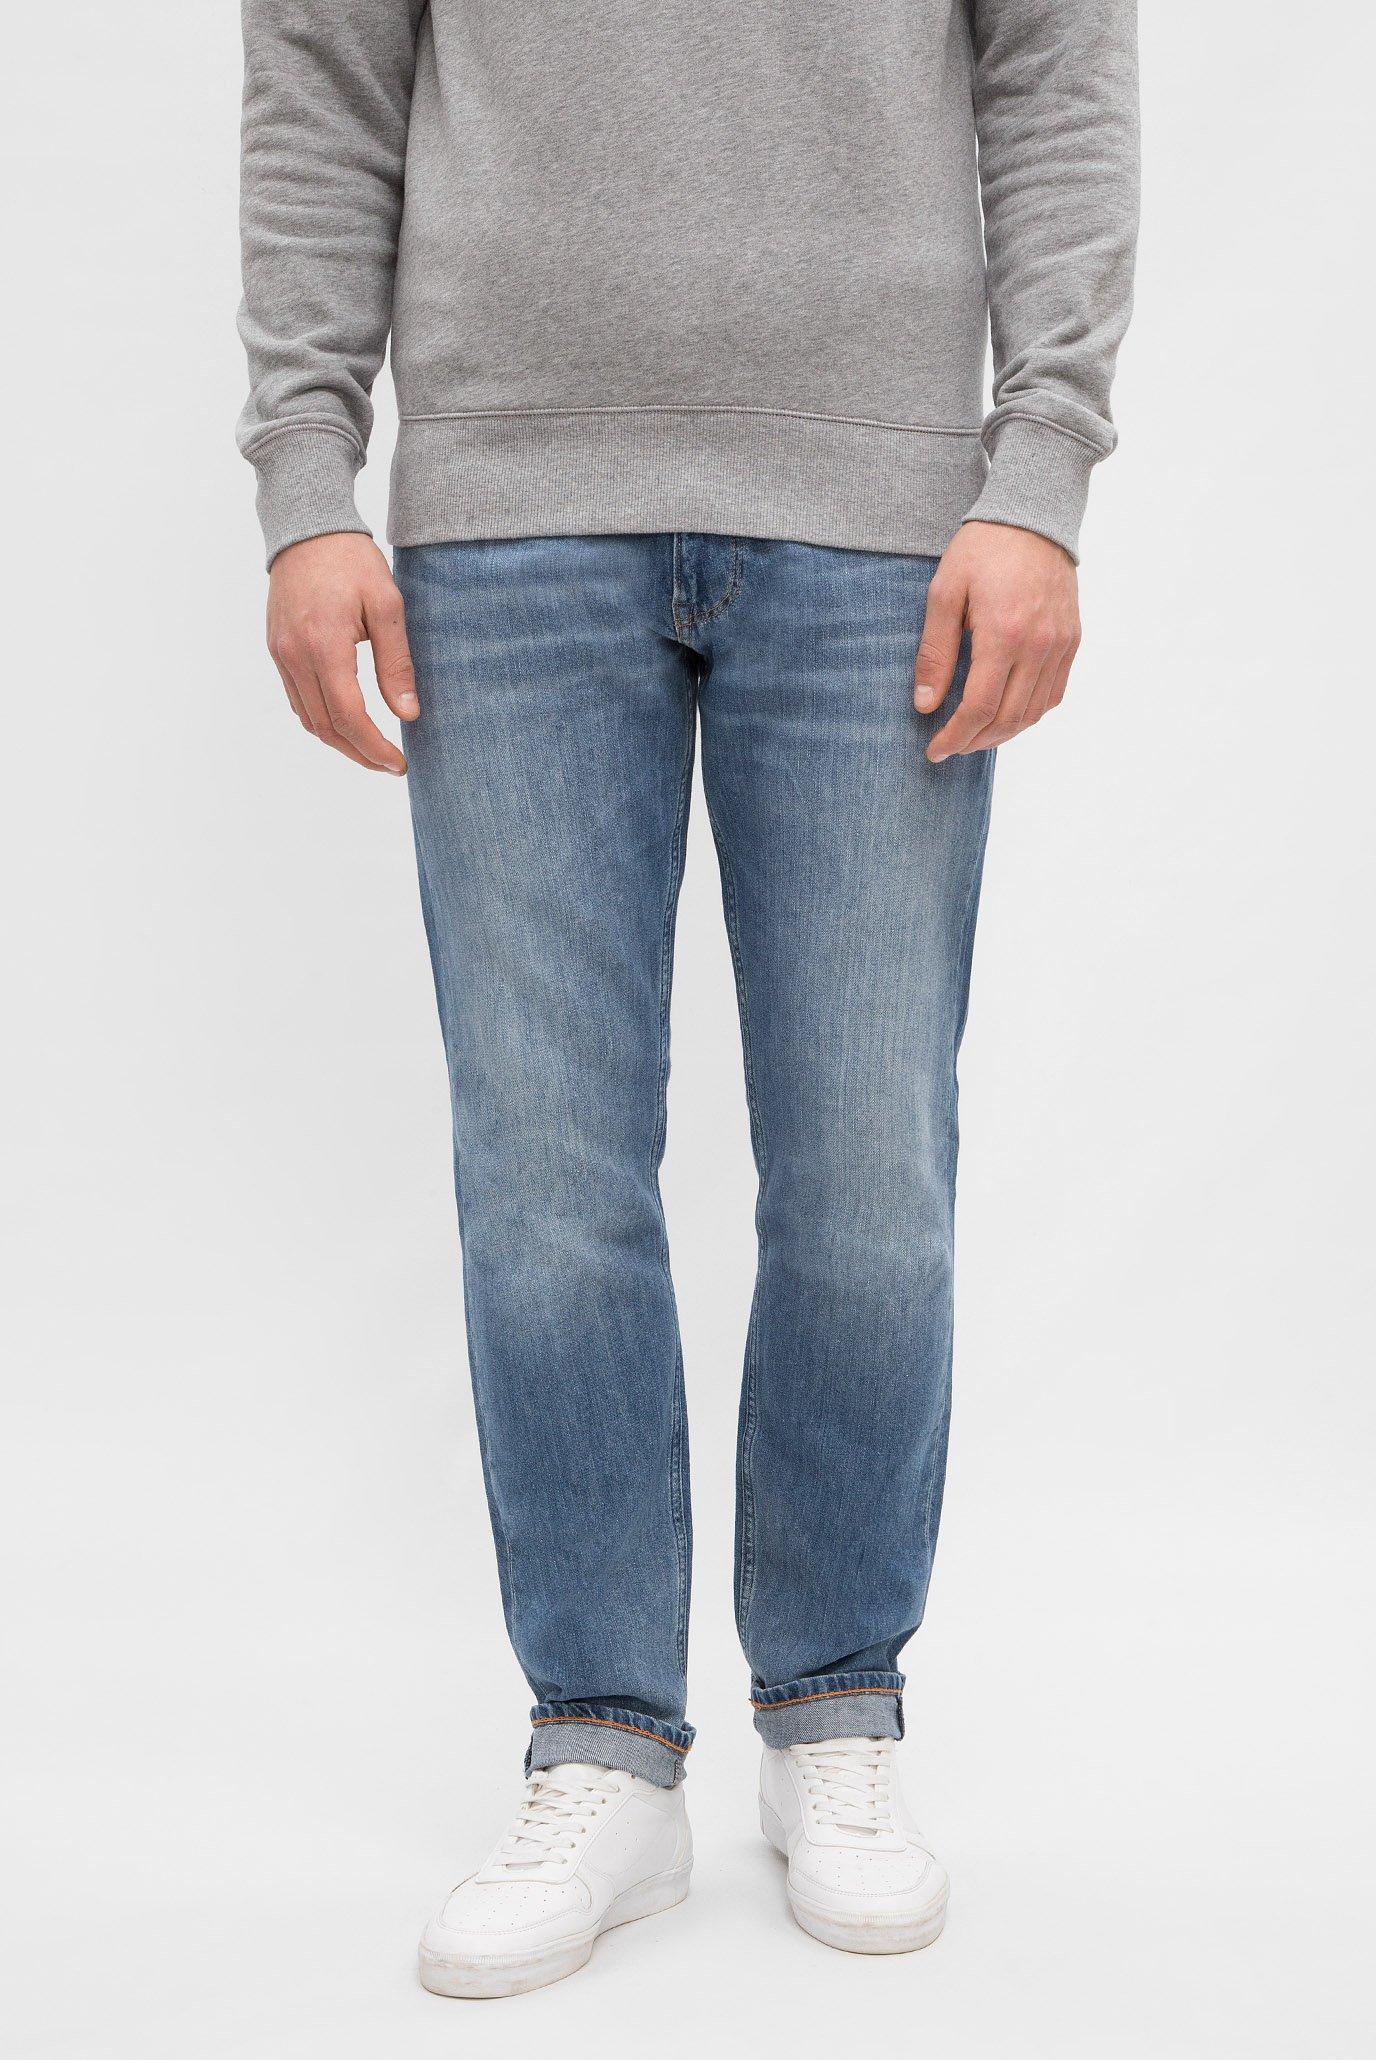 Купить Мужские голубые джинсы RELAXED LINEN DENIM JEANS Gant Gant 1002106 – Киев, Украина. Цены в интернет магазине MD Fashion